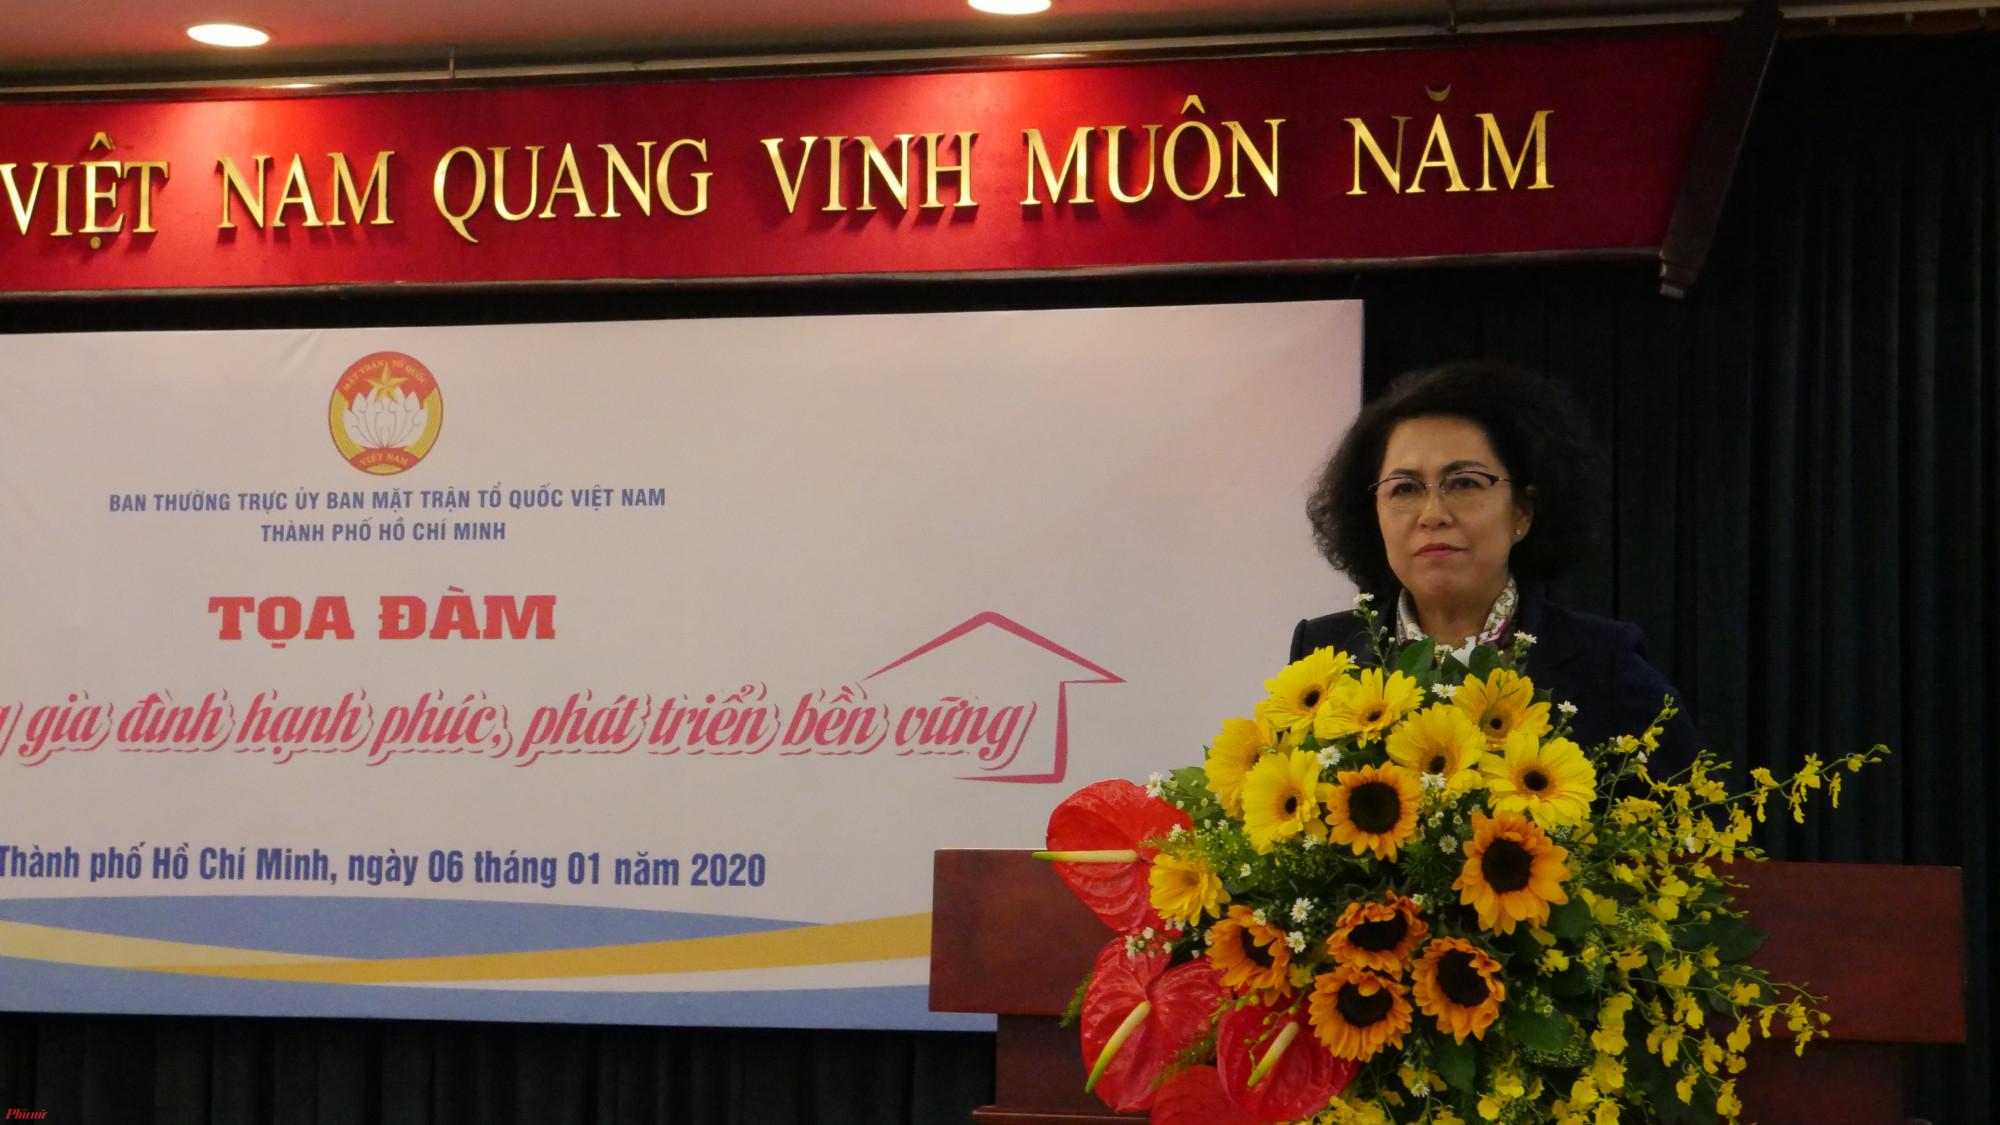 """Bà Tô Thị Bích Châu, Chủ tịch Ủy ban MTTQ Việt Nam TP.HCM nhấn mạnh: """"Lâu nay khi nhắc đến xây dựng gia đình hạnh phúc là người ta hay nhìn về người phụ nữ"""